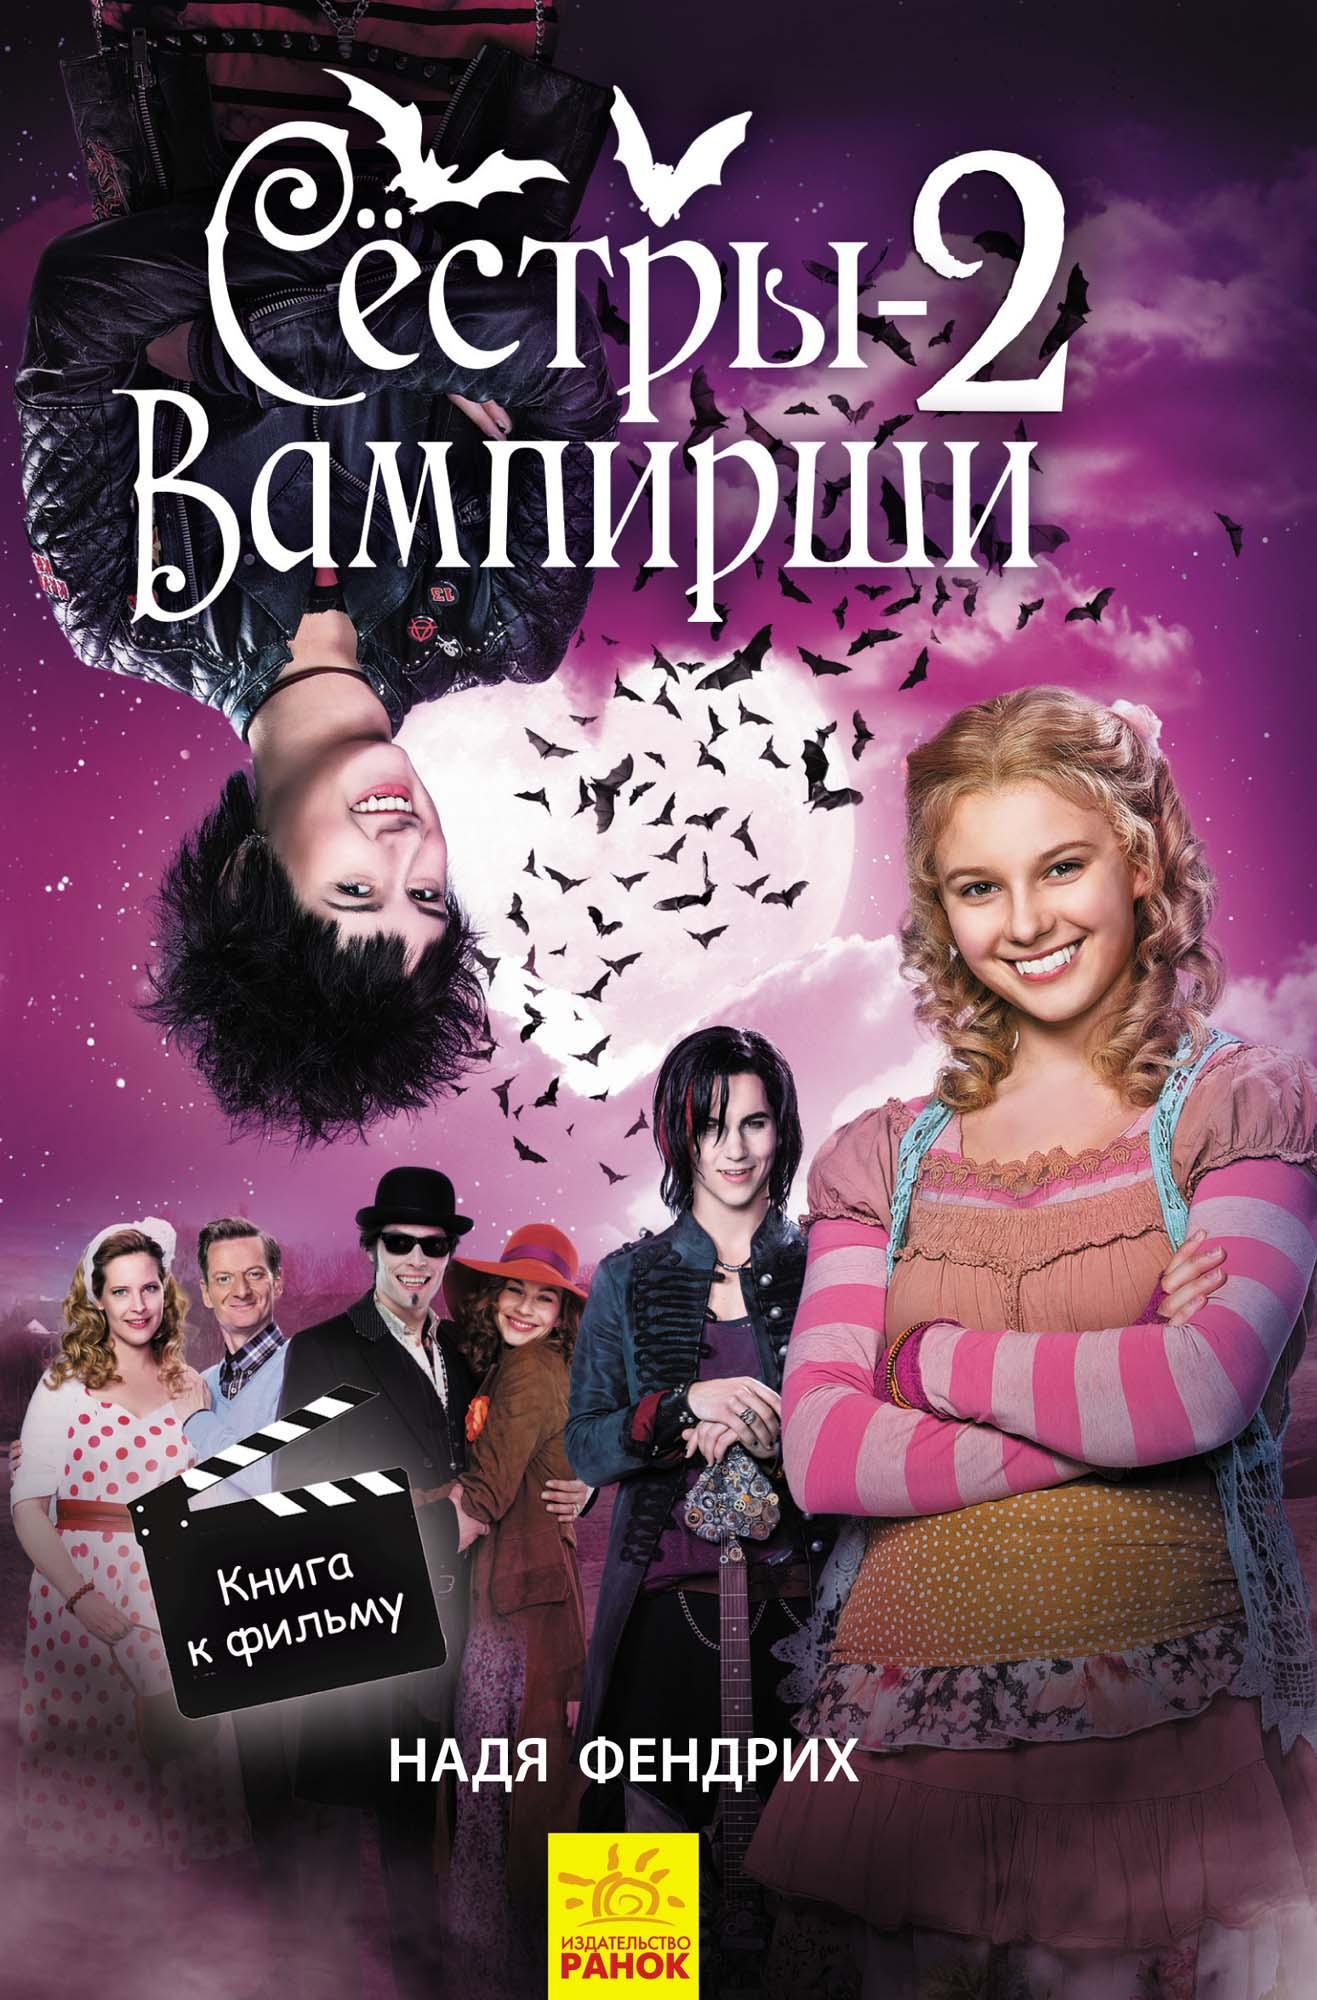 Надя Фендріх Сёстры-вампирши 2. Книга к фильму